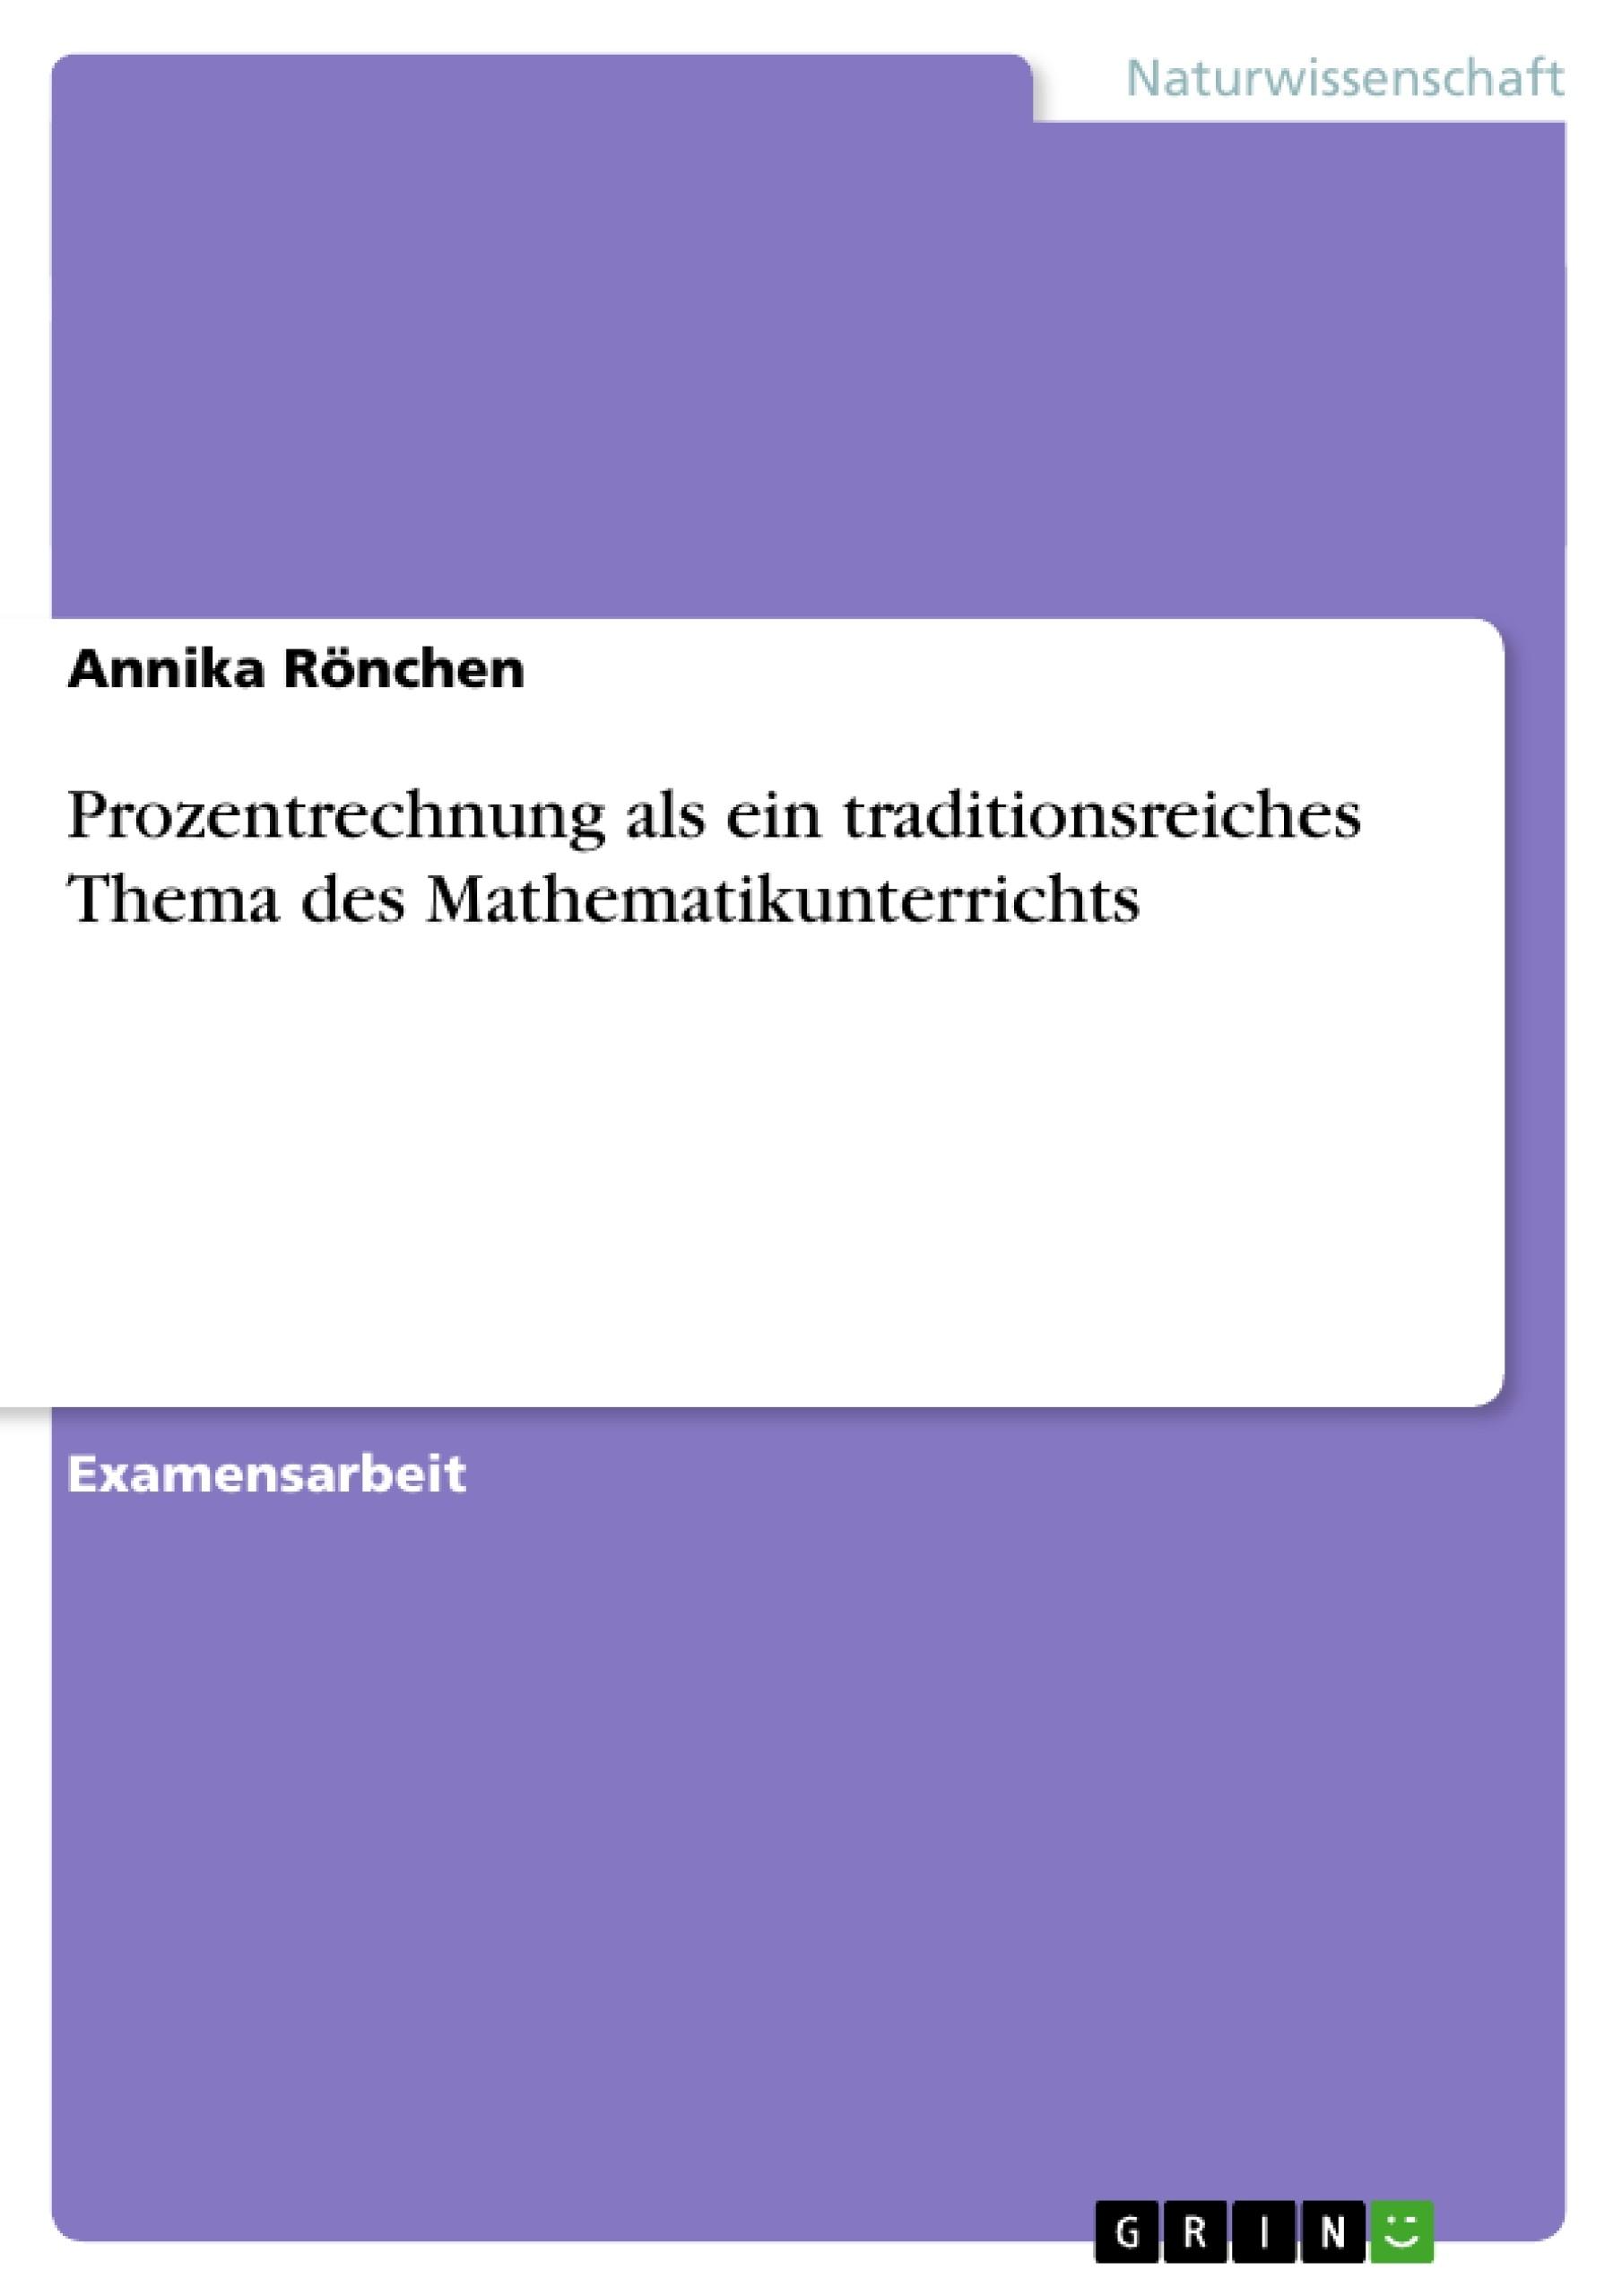 Titel: Prozentrechnung als ein traditionsreiches Thema des Mathematikunterrichts